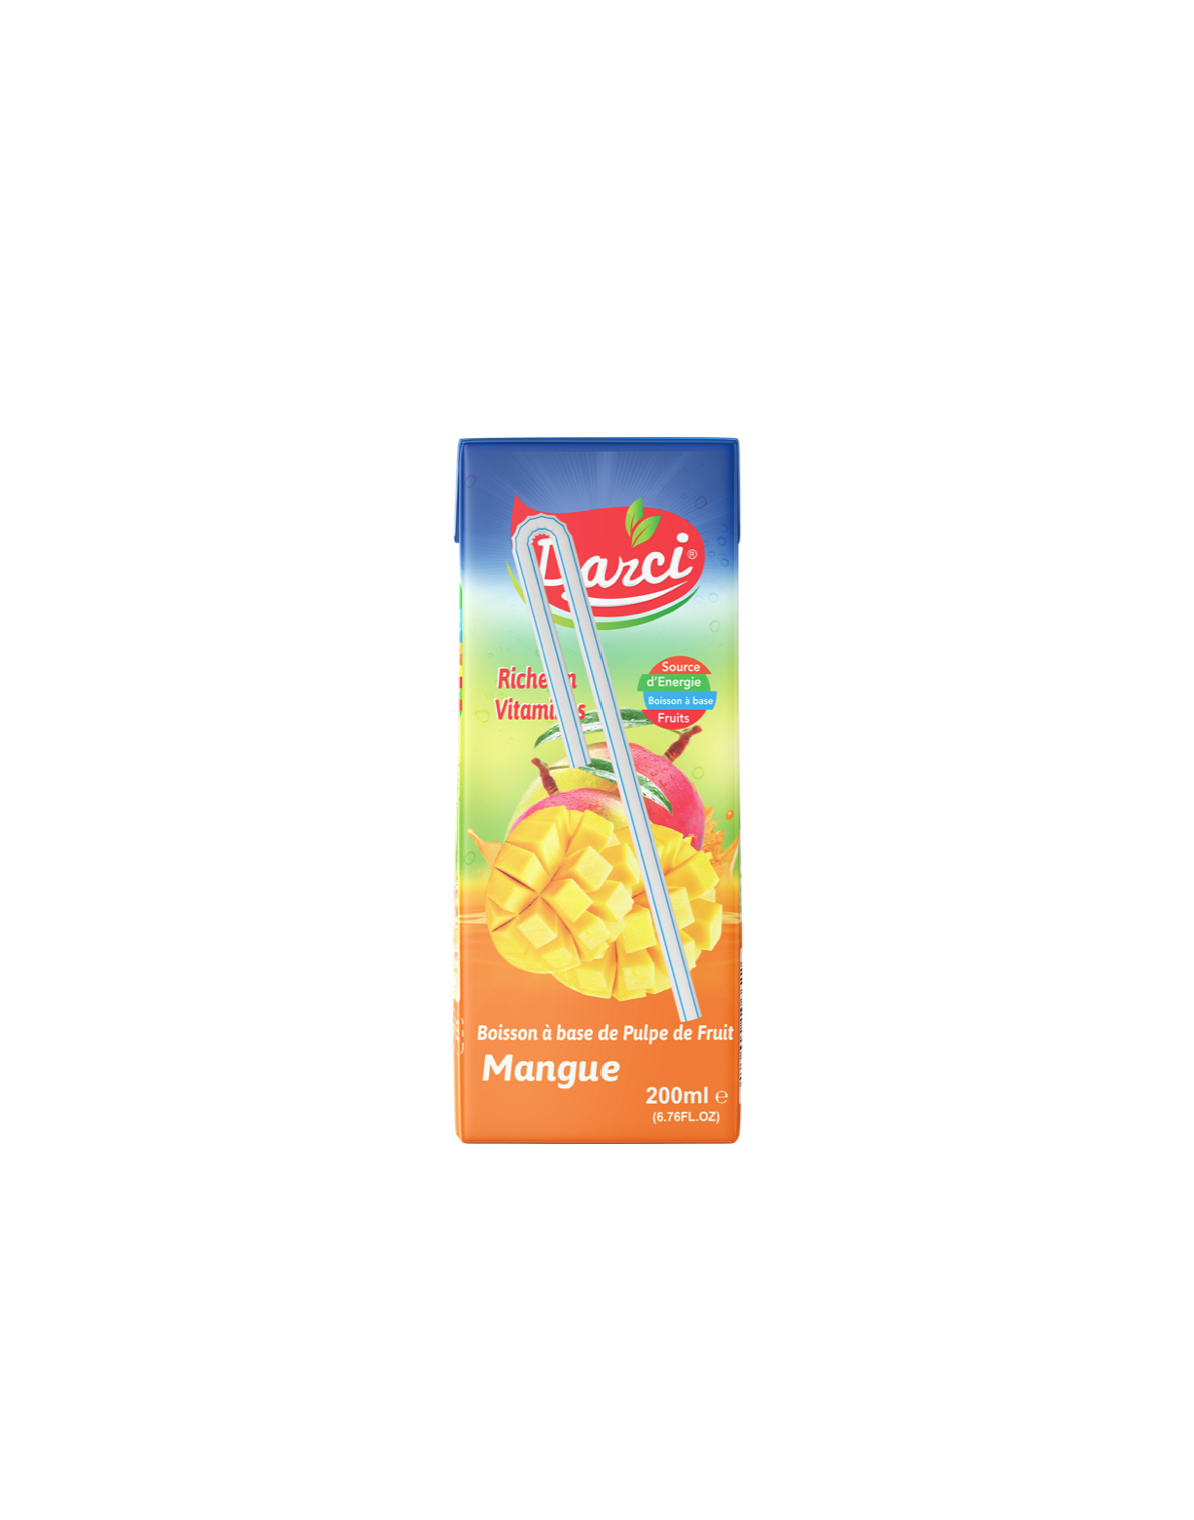 Boisson-DARCI-Mangue-200ml_siprochim